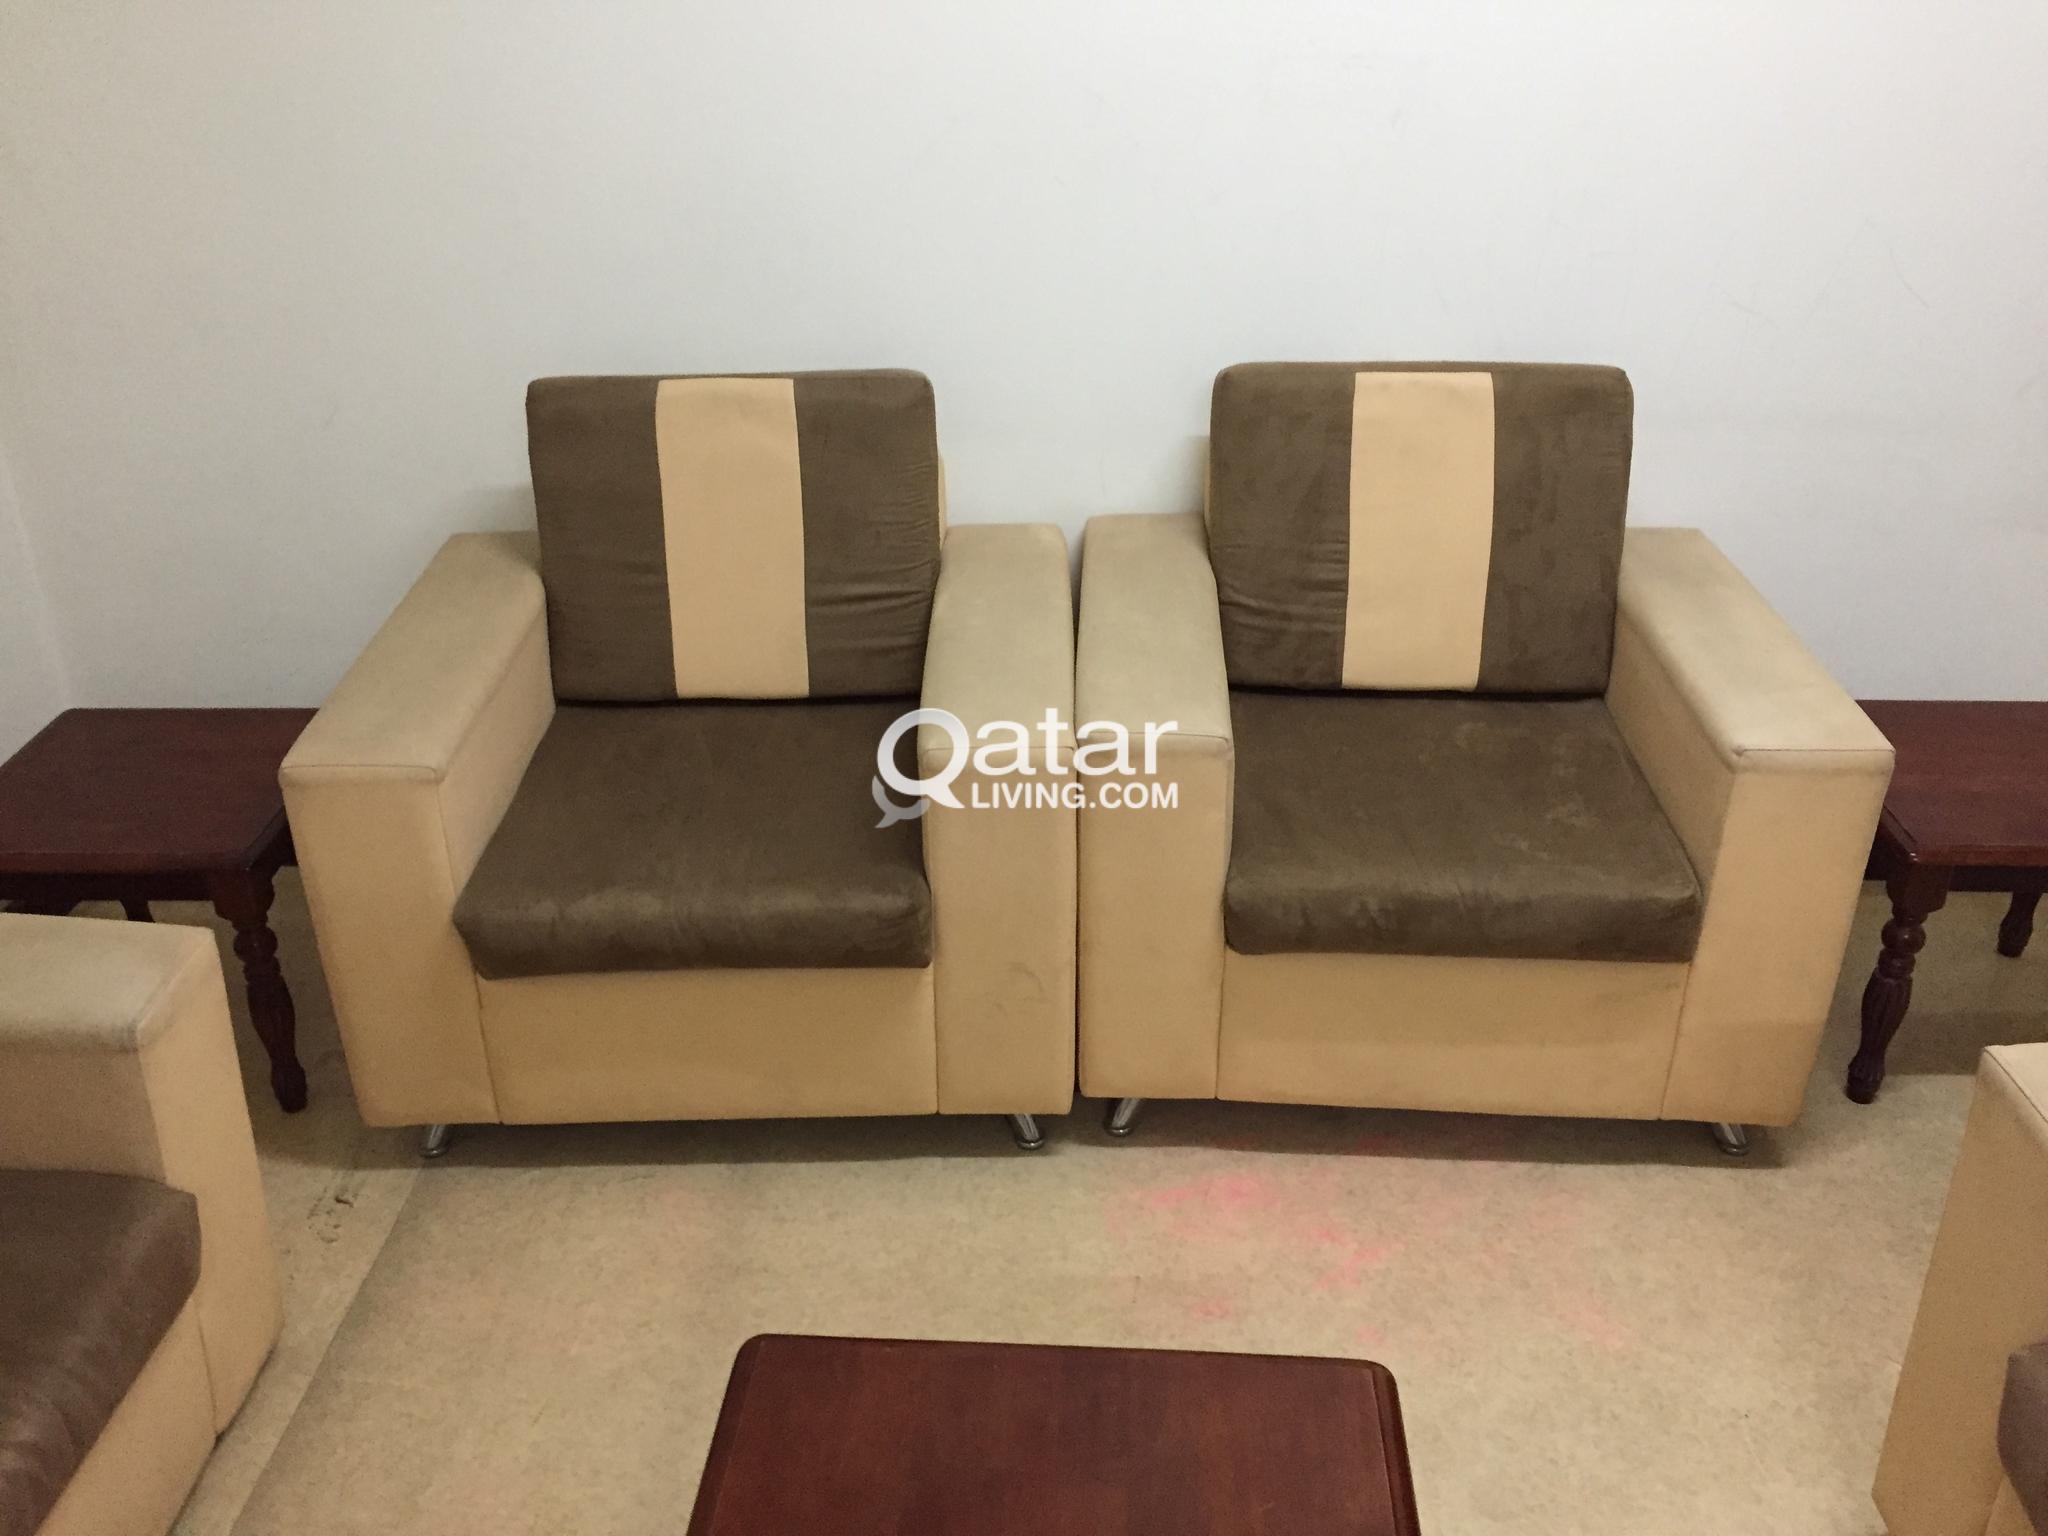 Living Room Sofa Set   Qatar Living